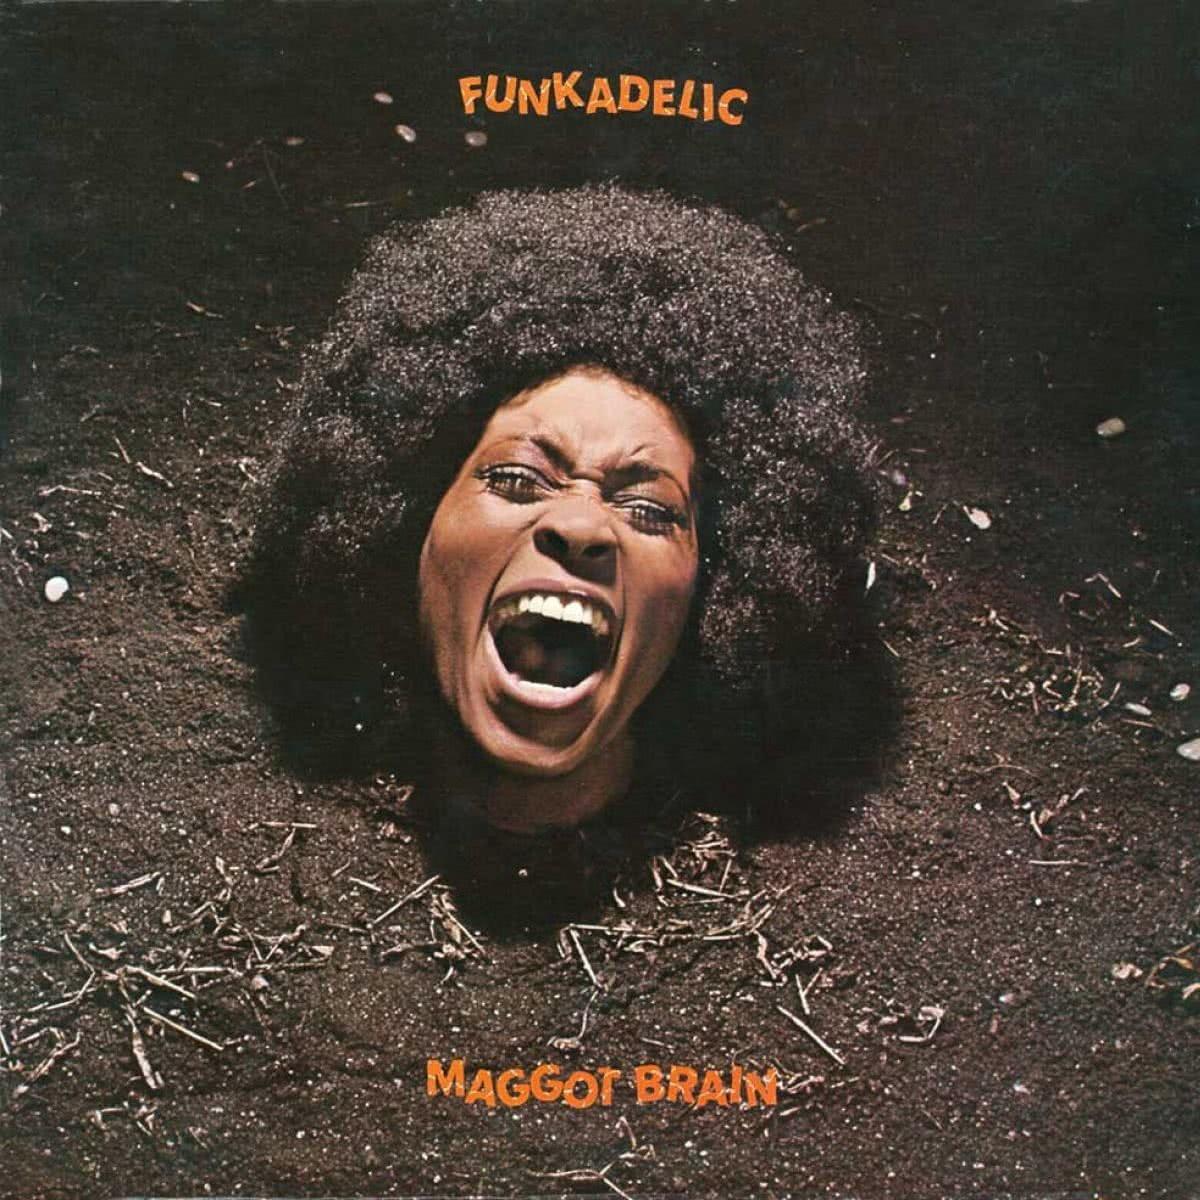 Funkadelic